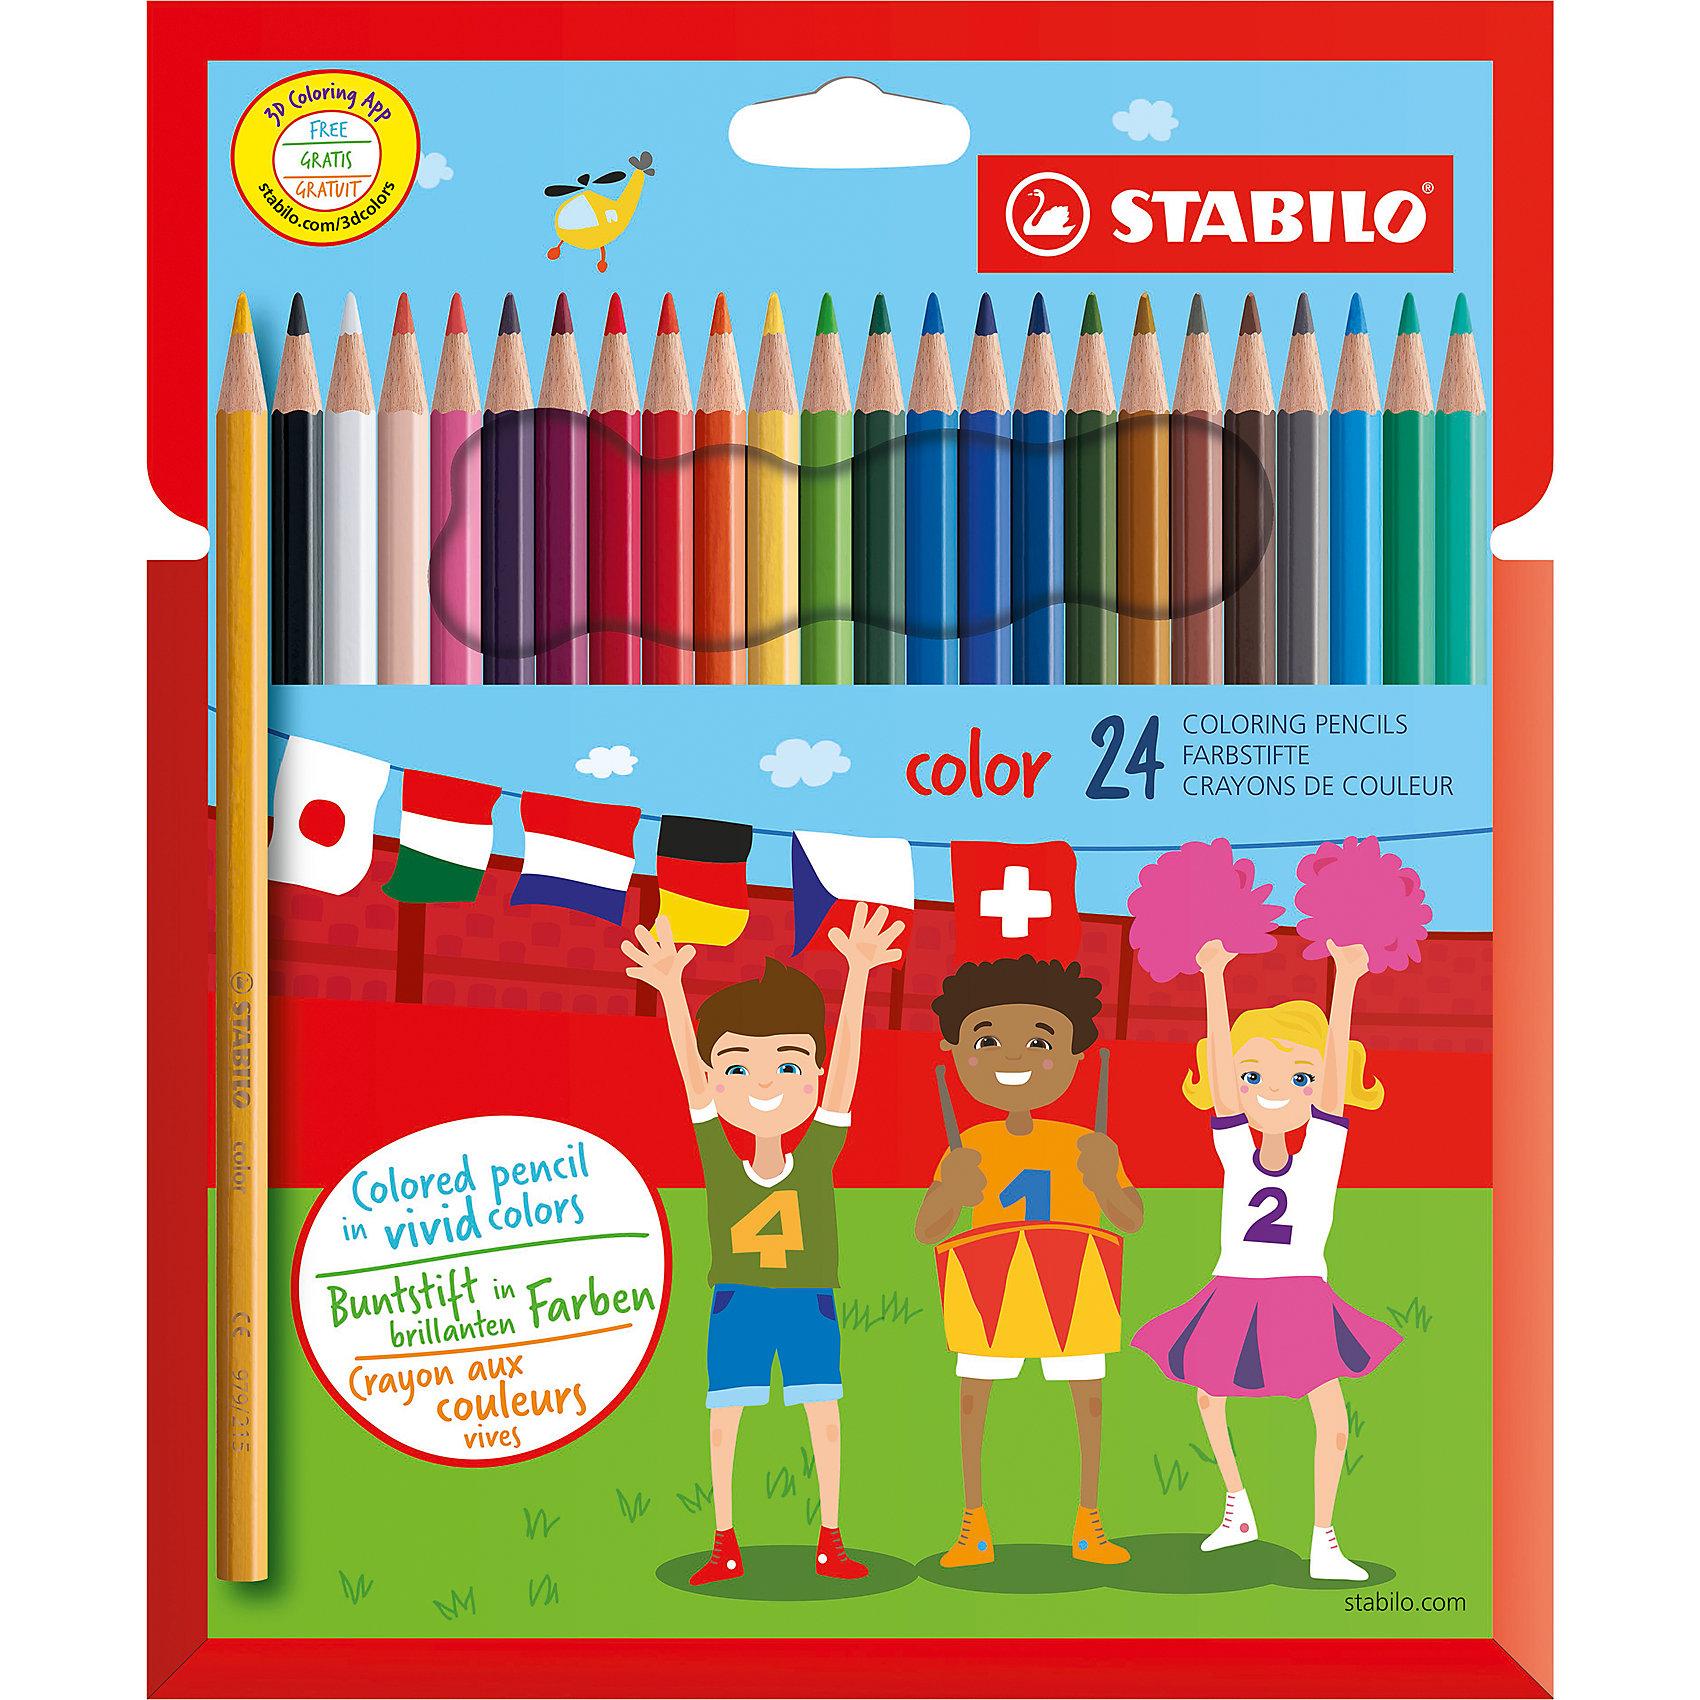 Карандаши цветные 24цвРисование<br>Характеристики:<br><br>• возраст: от 3 лет<br>• в наборе: 24 цветных карандаша<br>• материал корпуса: древесина<br>• толщина линии: 2,5 мм.<br>• упаковка: картонный футляр<br>• размер упаковки: 21,5х17,9х0,8 см.<br><br>Цветные карандаши не ломаются при рисовании и затачивании. В состав грифелей входит пчелиный воск, благодаря чему грифели легко рисуют на бумаге, не царапая ее и не крошась. Карандаши обладают повышенной устойчивостью к нагрузкам. Насыщенные цвета имеют высокую светостойкость. Цвета отлично смешиваются и позволяют создать огромное количество оттенков. Корпус карандашей покрыт лаком на водной основе.<br><br>Карандаши цветные 24цв можно купить в нашем интернет-магазине.<br><br>Ширина мм: 179<br>Глубина мм: 215<br>Высота мм: 8<br>Вес г: 120<br>Возраст от месяцев: 36<br>Возраст до месяцев: 2147483647<br>Пол: Унисекс<br>Возраст: Детский<br>SKU: 6873777